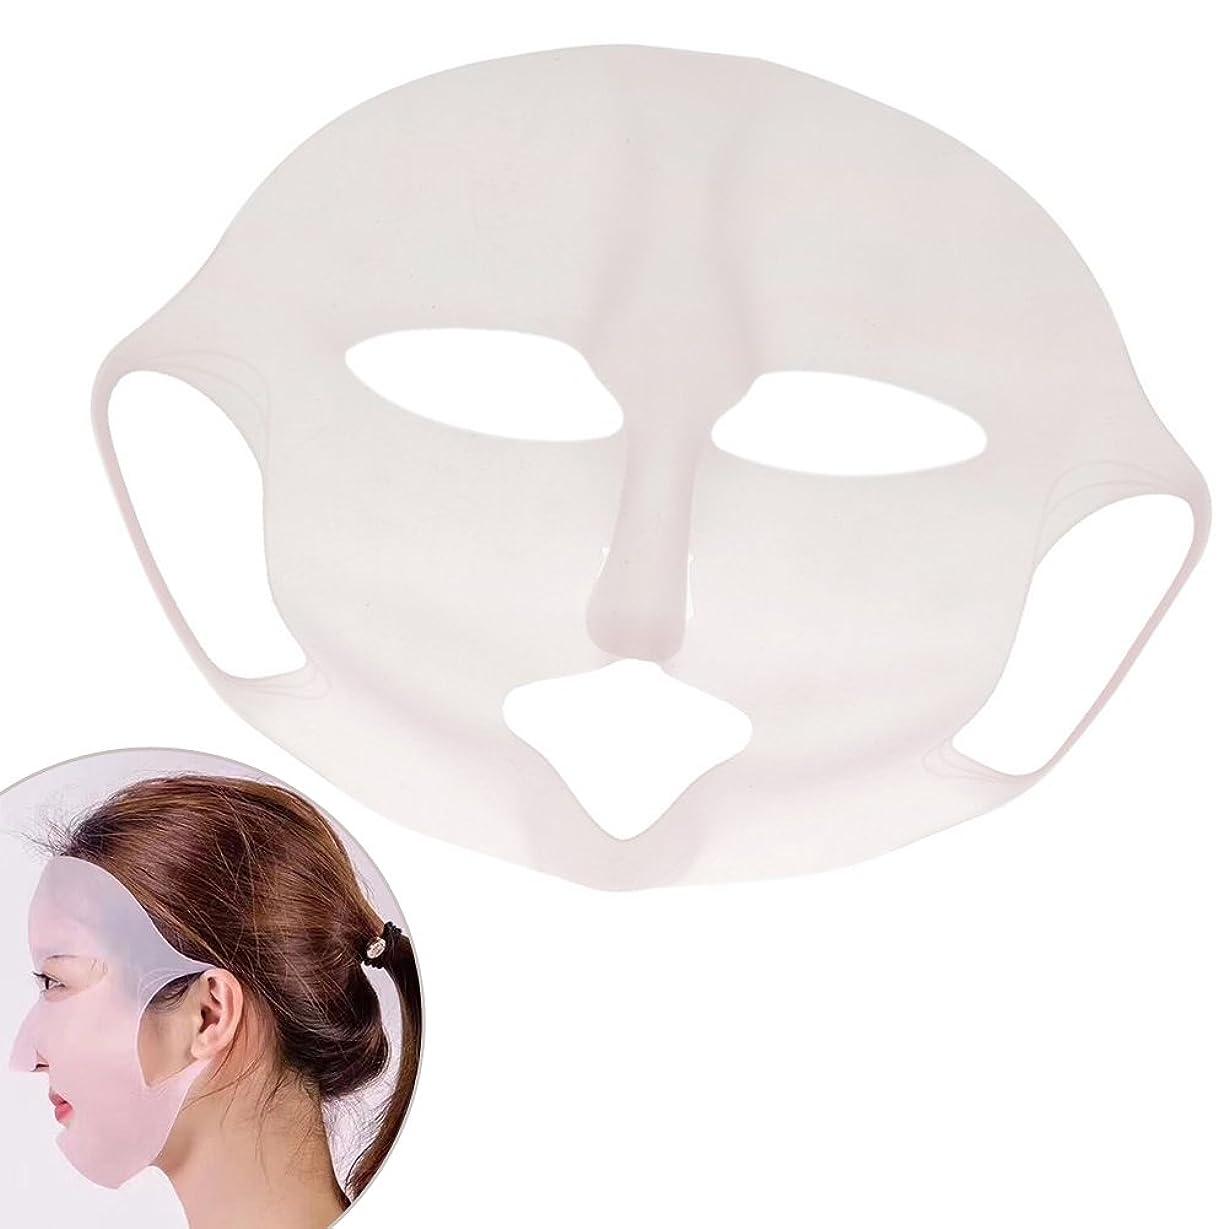 物質リネンチェスフェイスパックカバー シリコンマスク フェイスマスク 美容液 防蒸発 保湿 便利なグッズ 吸収 3枚入り 21cm